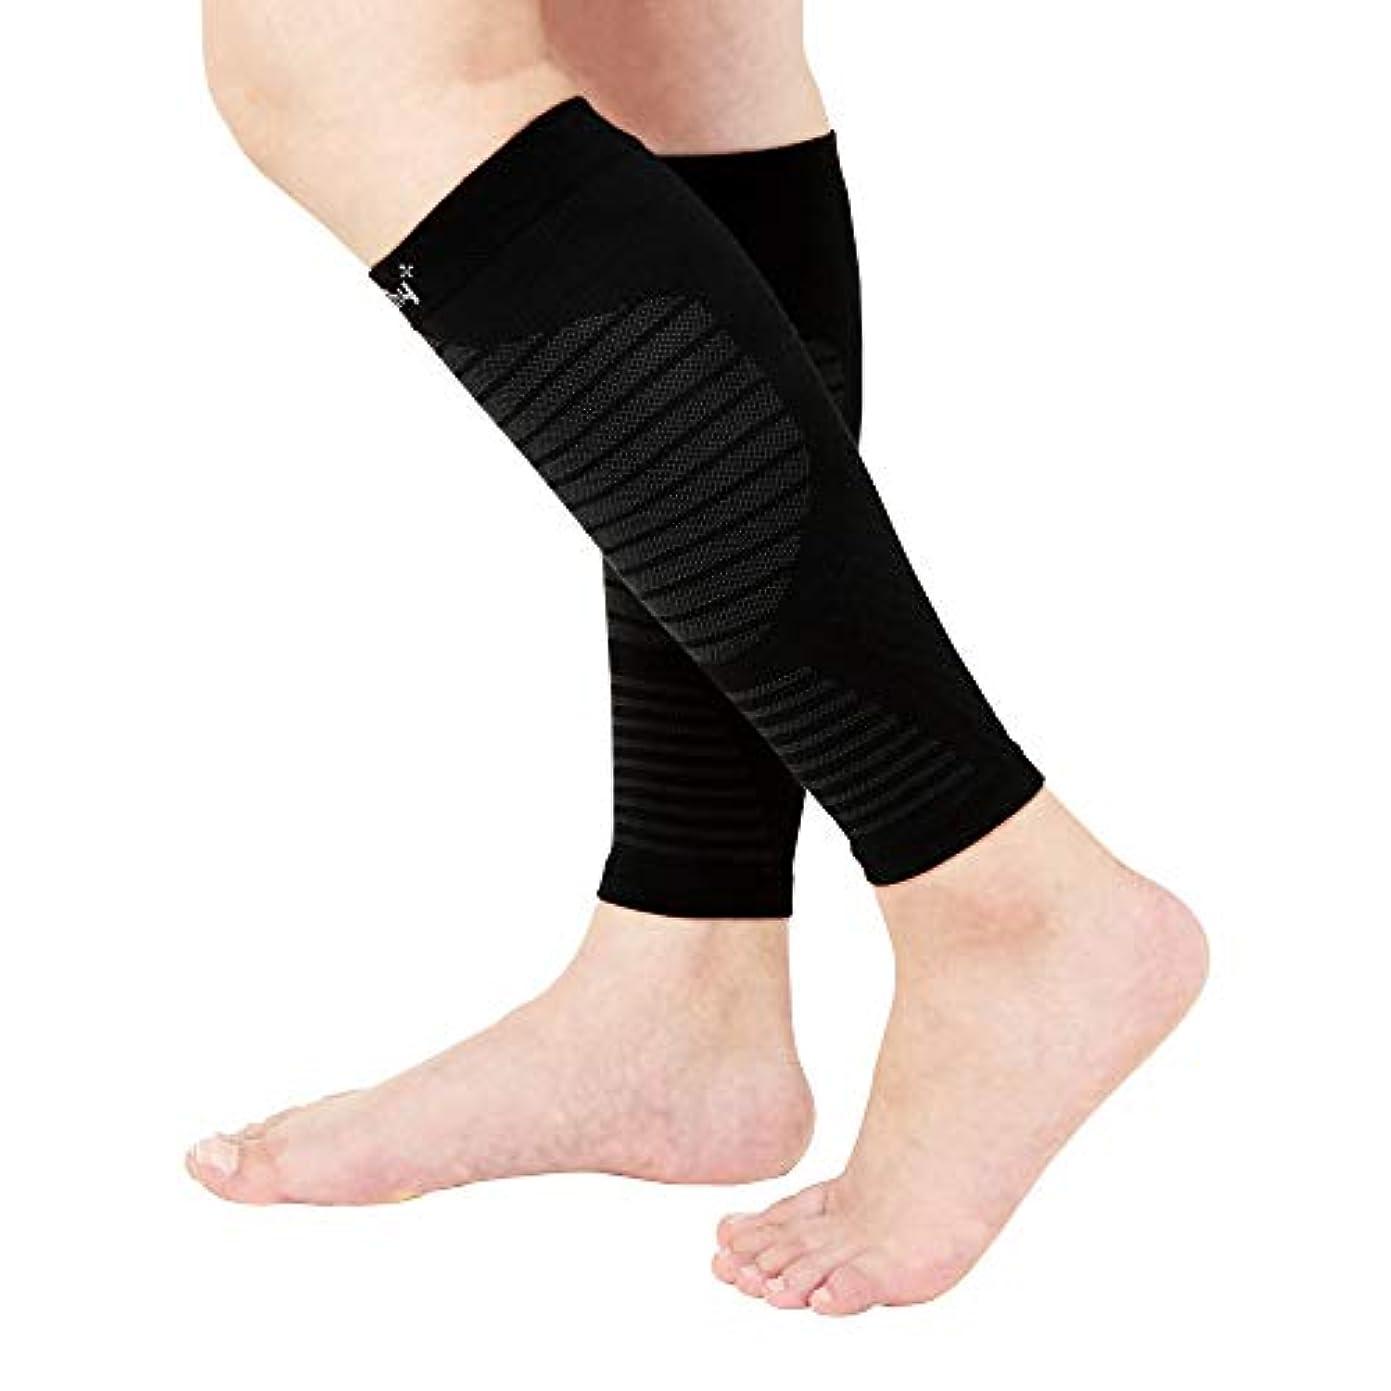 パースくぼみ荒野Comphy+ 抗菌防臭 筋肉の疲労を減らし、走り カーフスリーブ ブラック 暖かい 台湾製